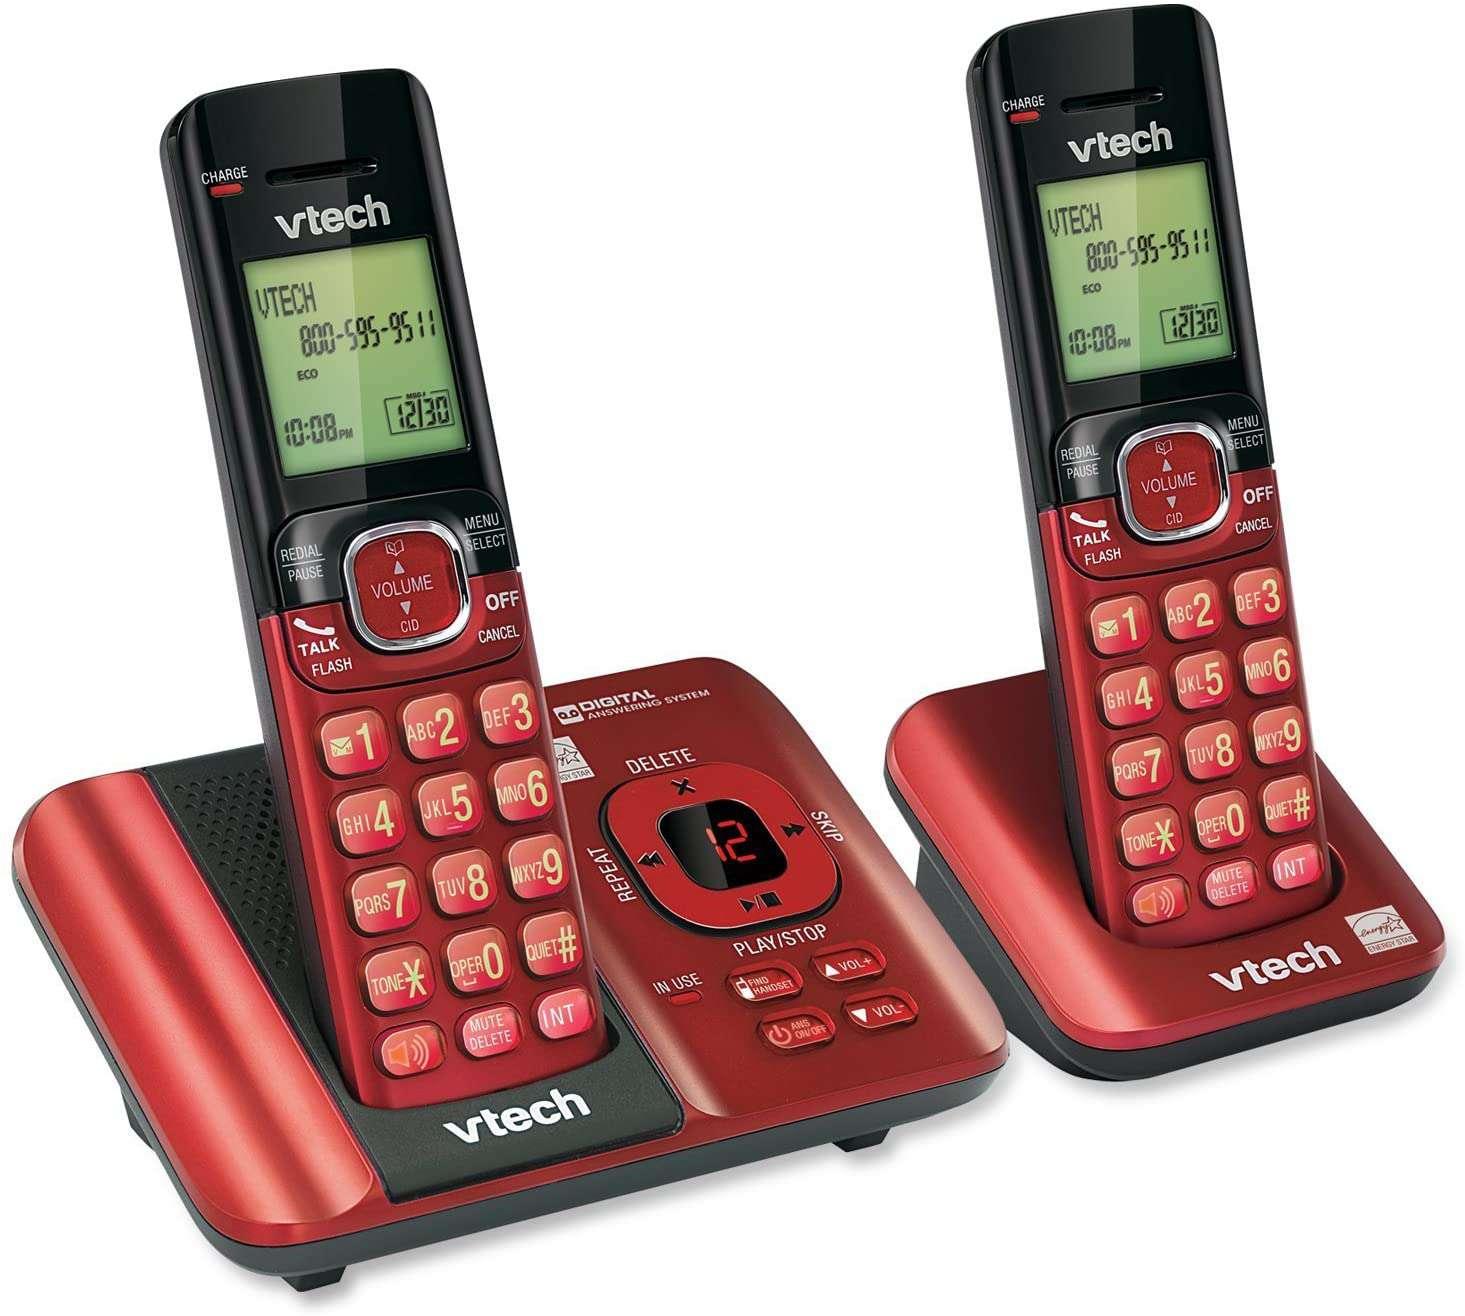 VTech CS6529-26 DECT 6.0 Phone